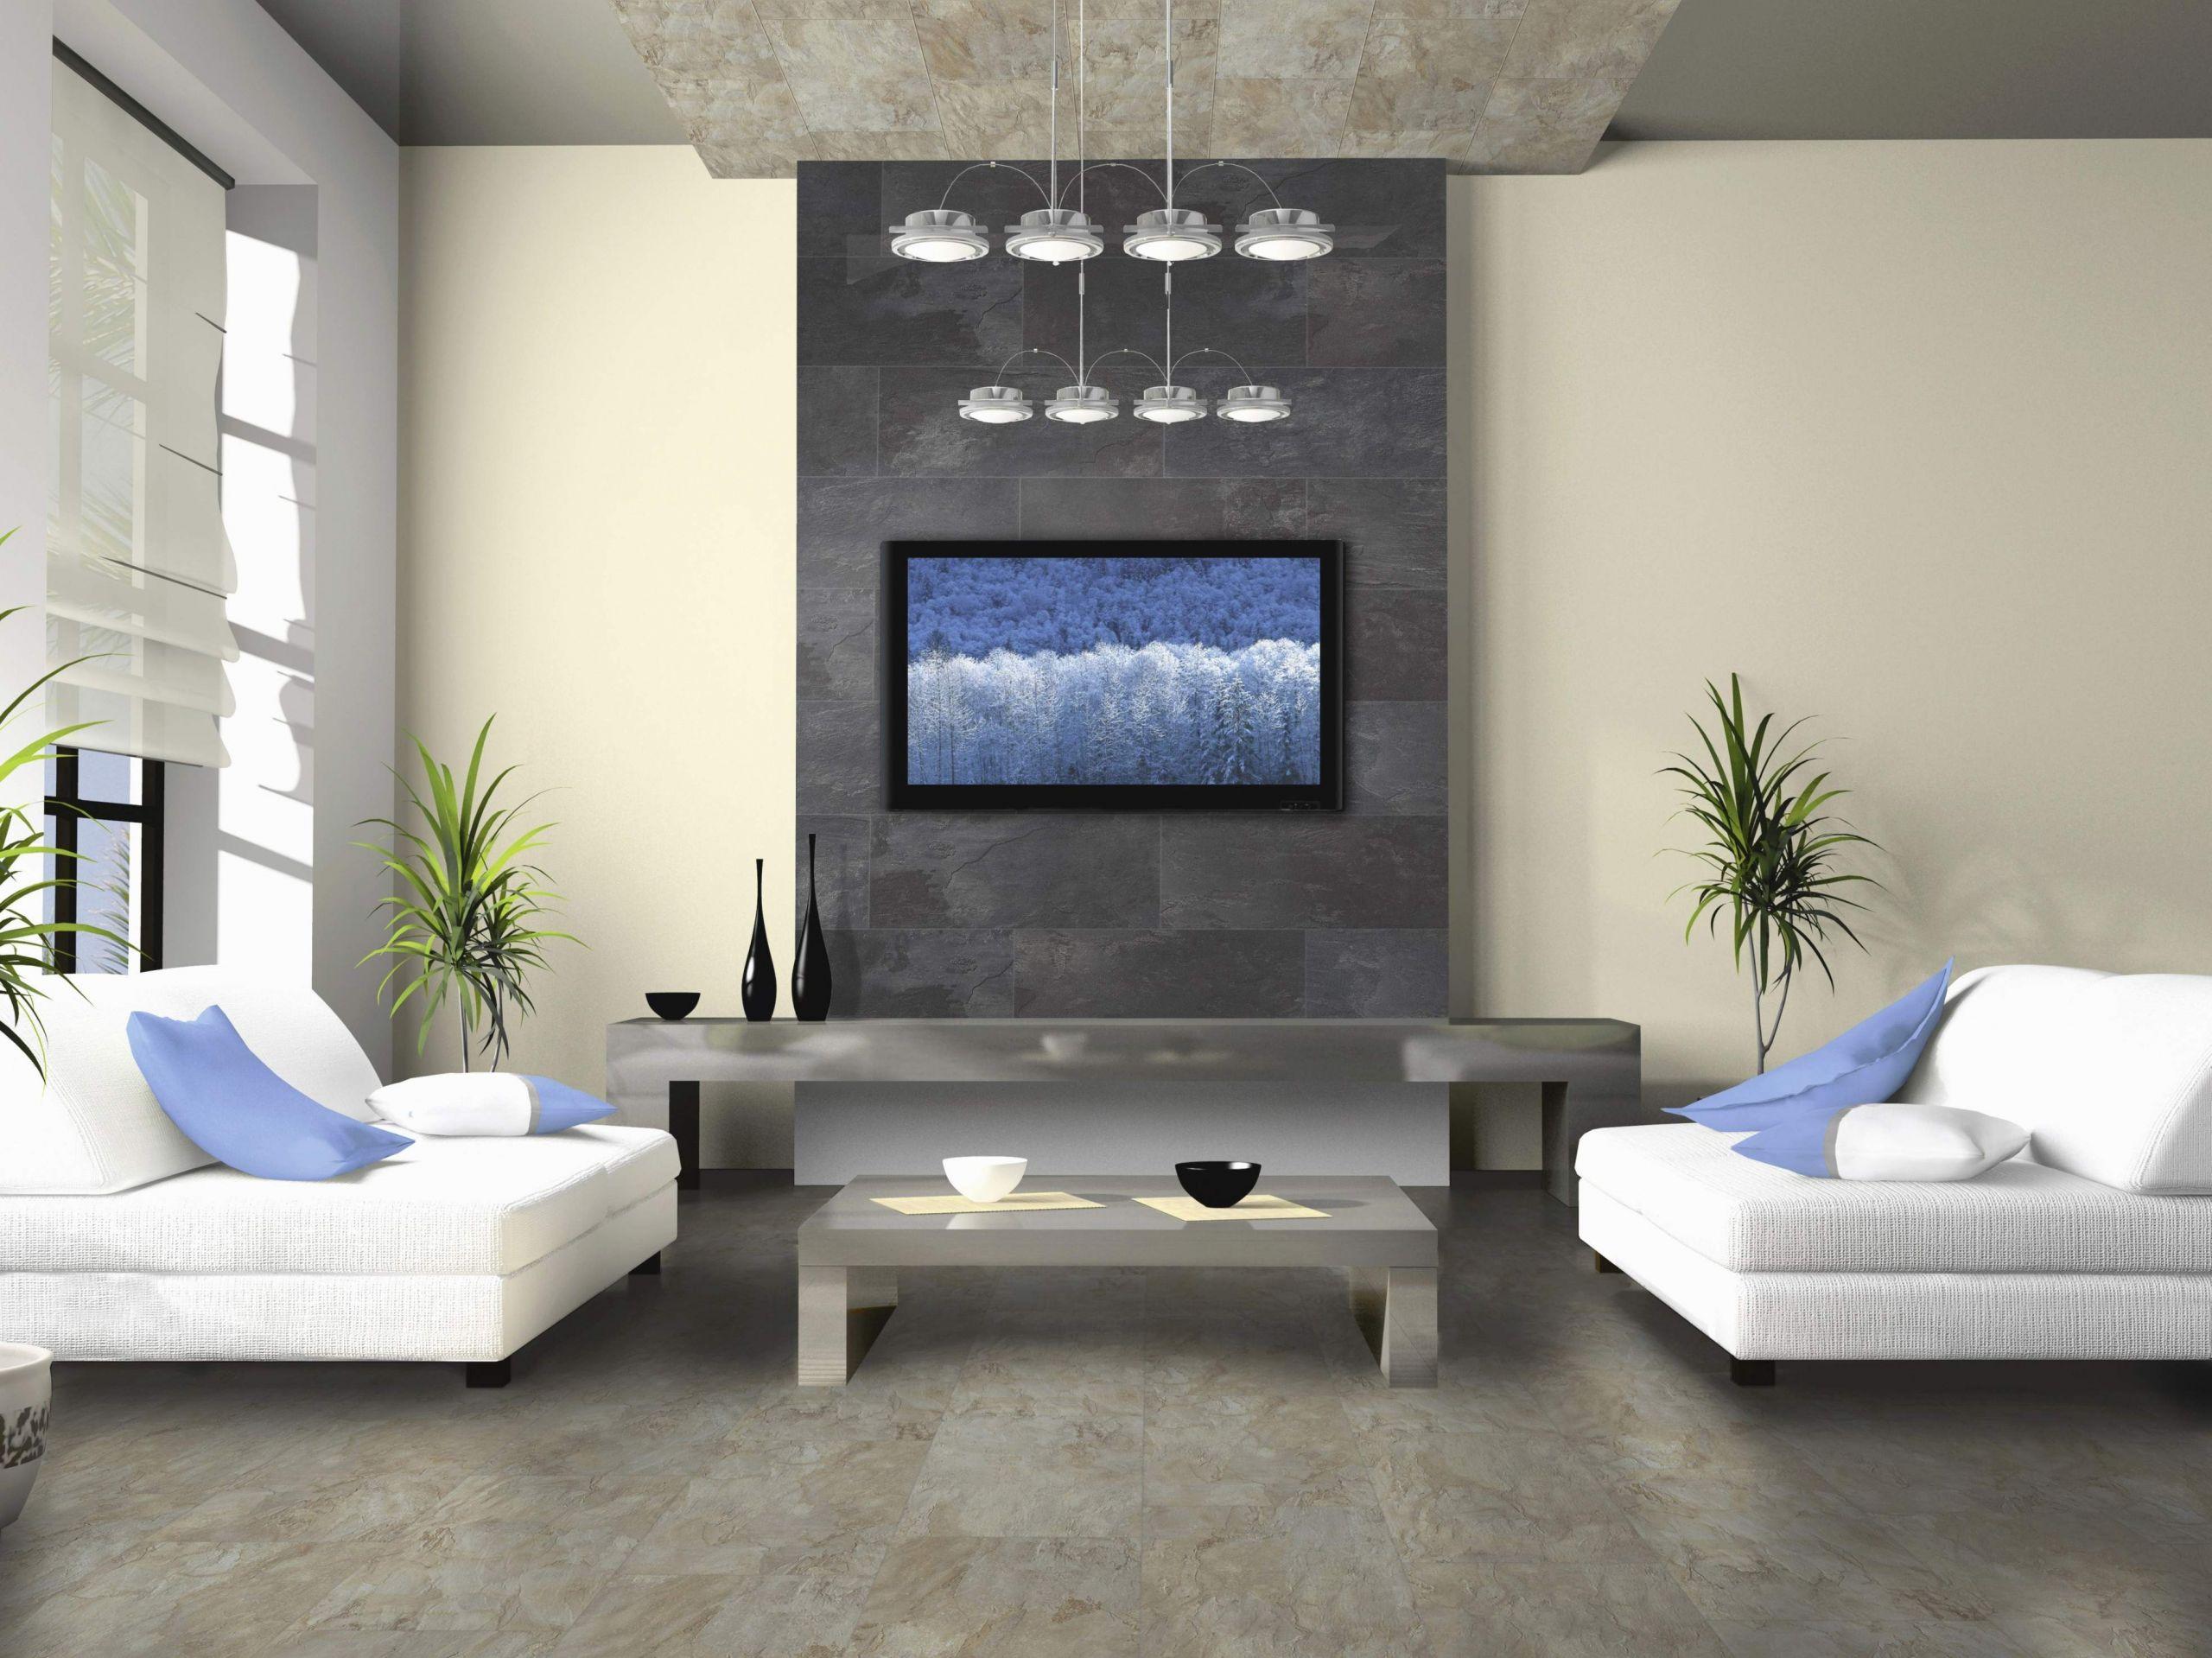 wohnzimmer dekoration reizend dekoration wohnzimmer reizend wohnzimmer wand 0d of wohnzimmer dekoration